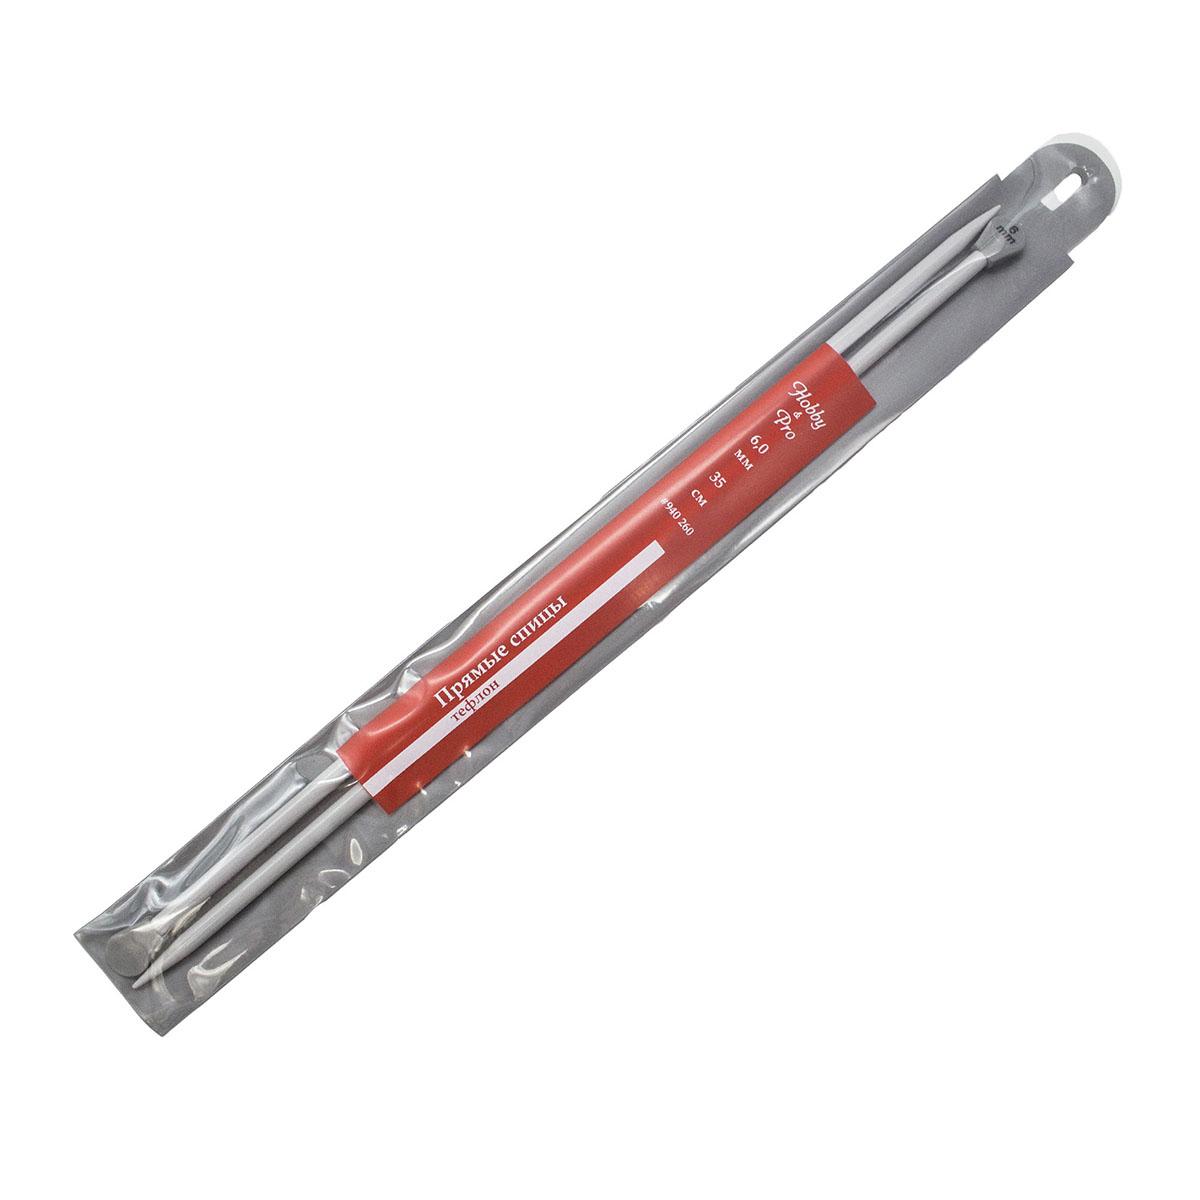 940260 Спицы прямые алюминиевые с покрытием 35см, 6,0мм Hobby&Pro